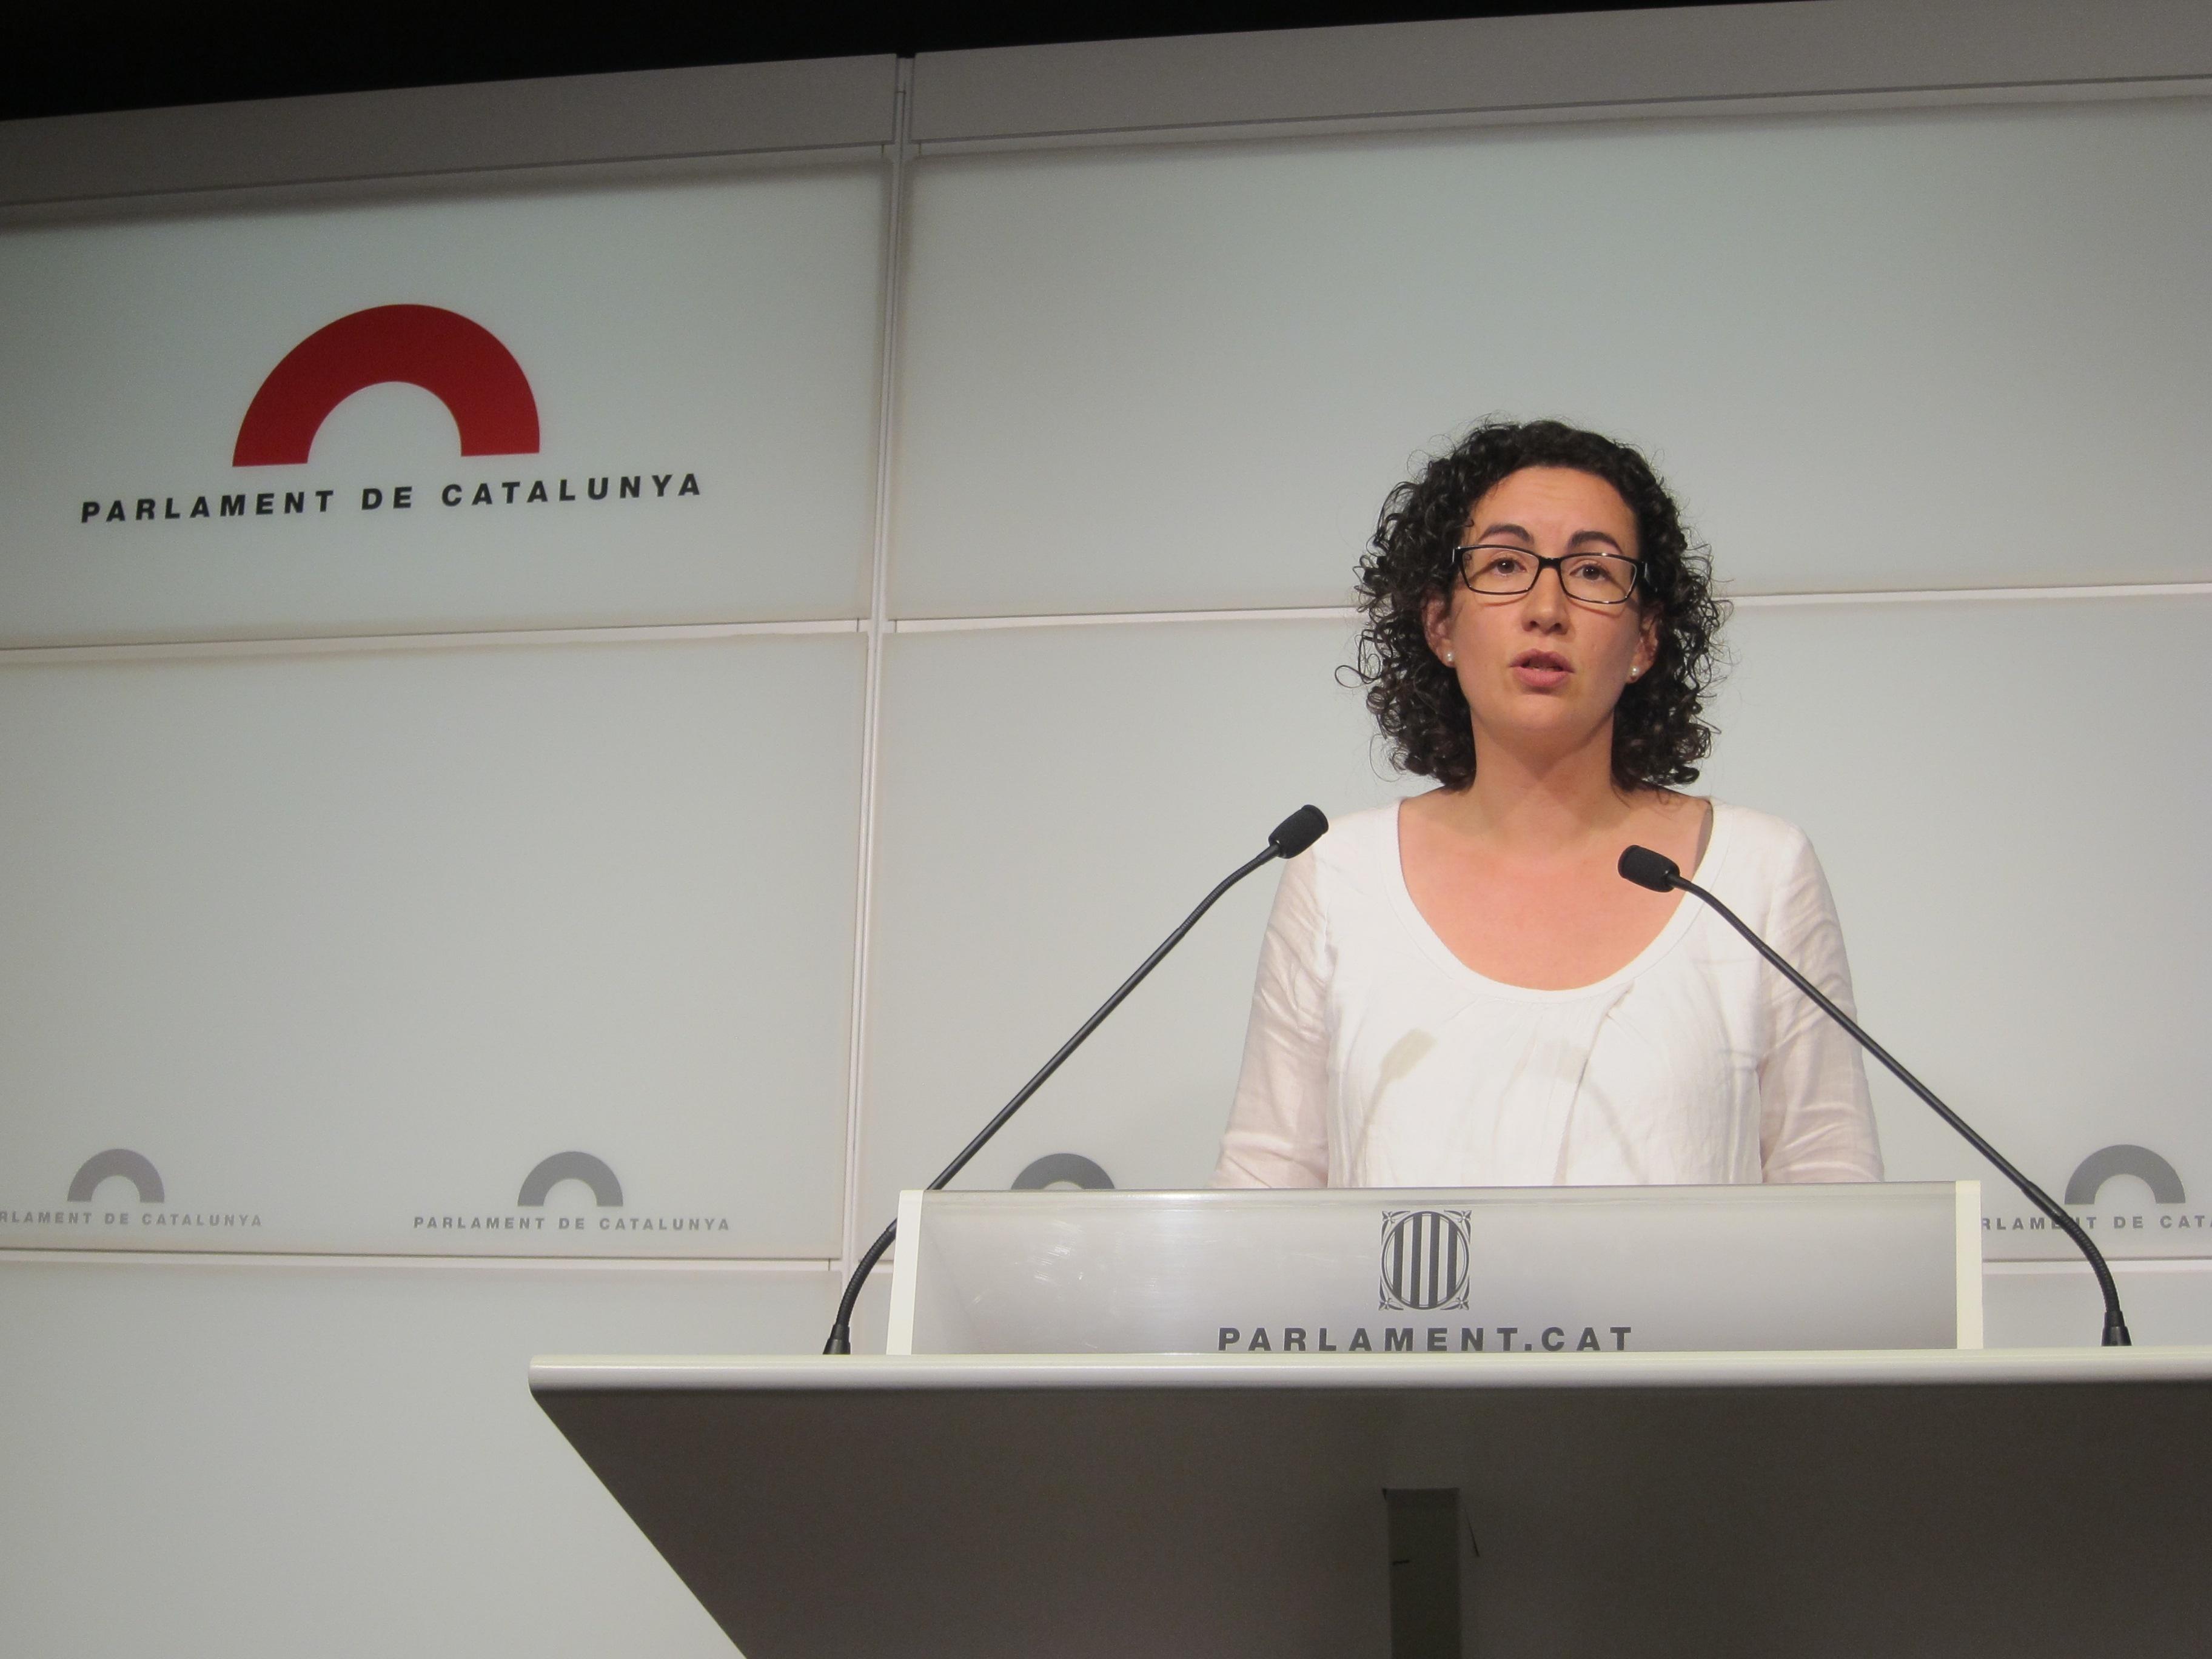 ERC cree que el Concert per la Llibertat supone un reclamo para poner fecha a la consulta